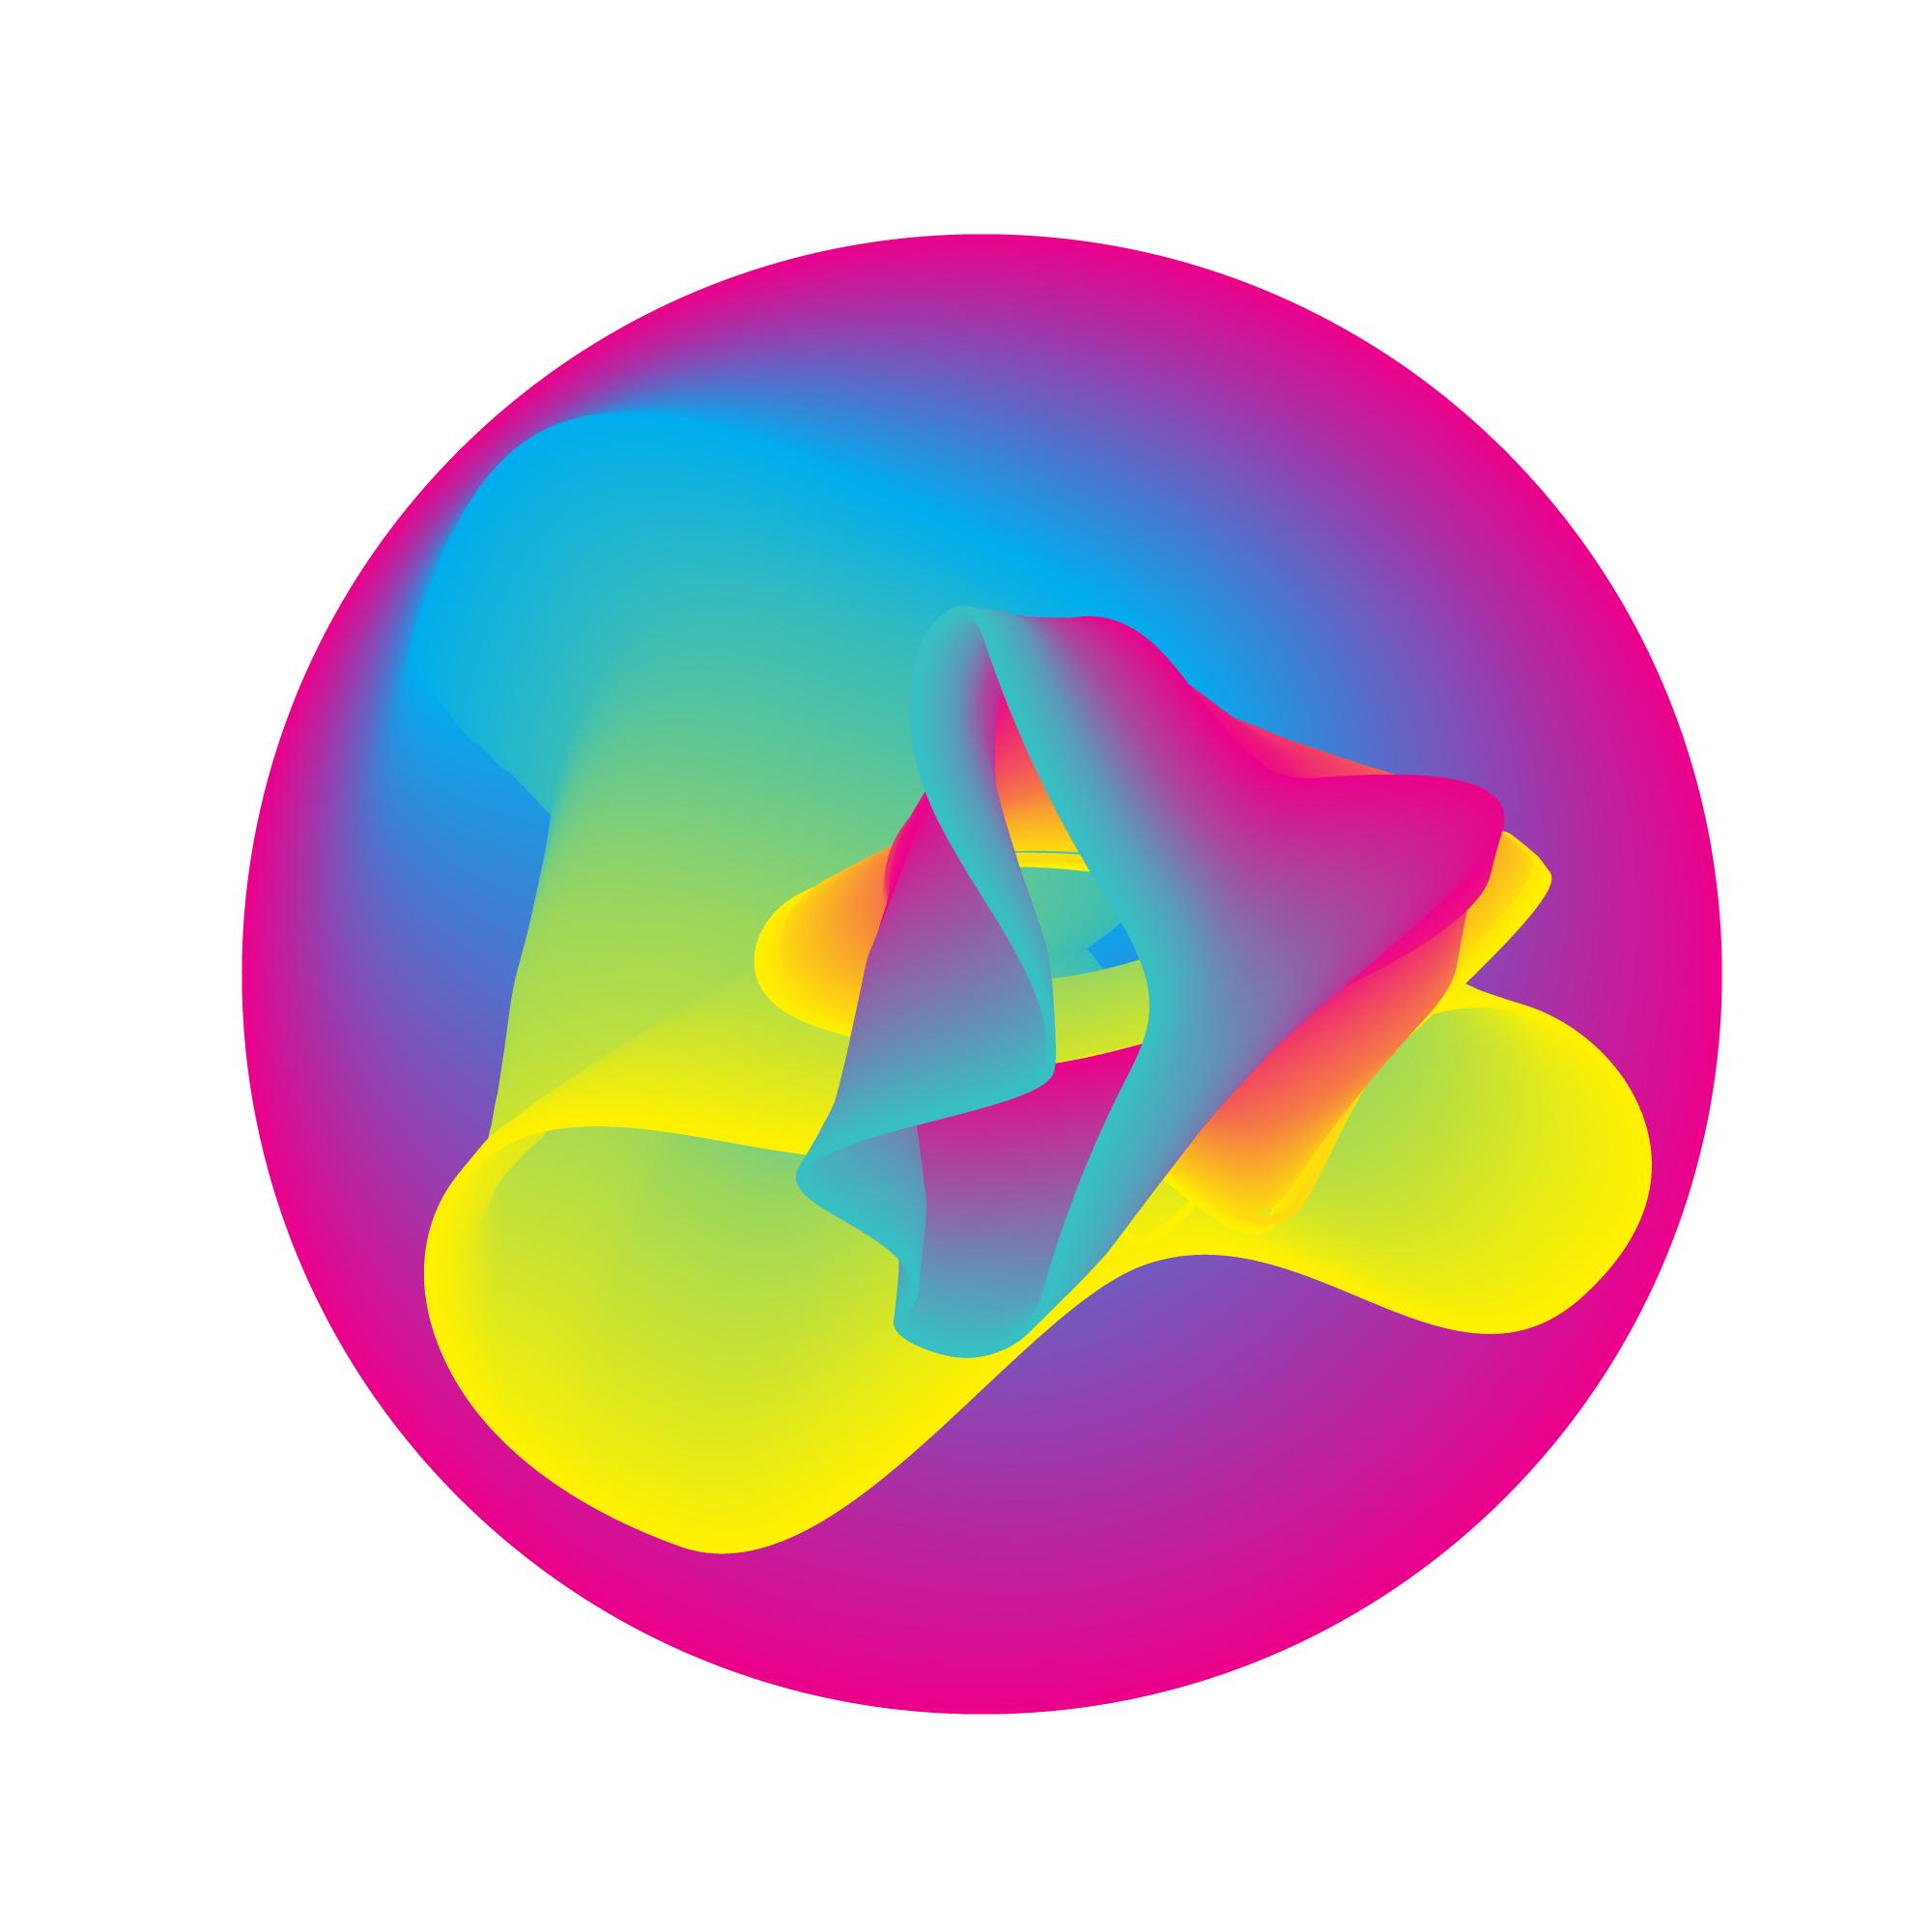 Wave_Singular_Circle.jpg